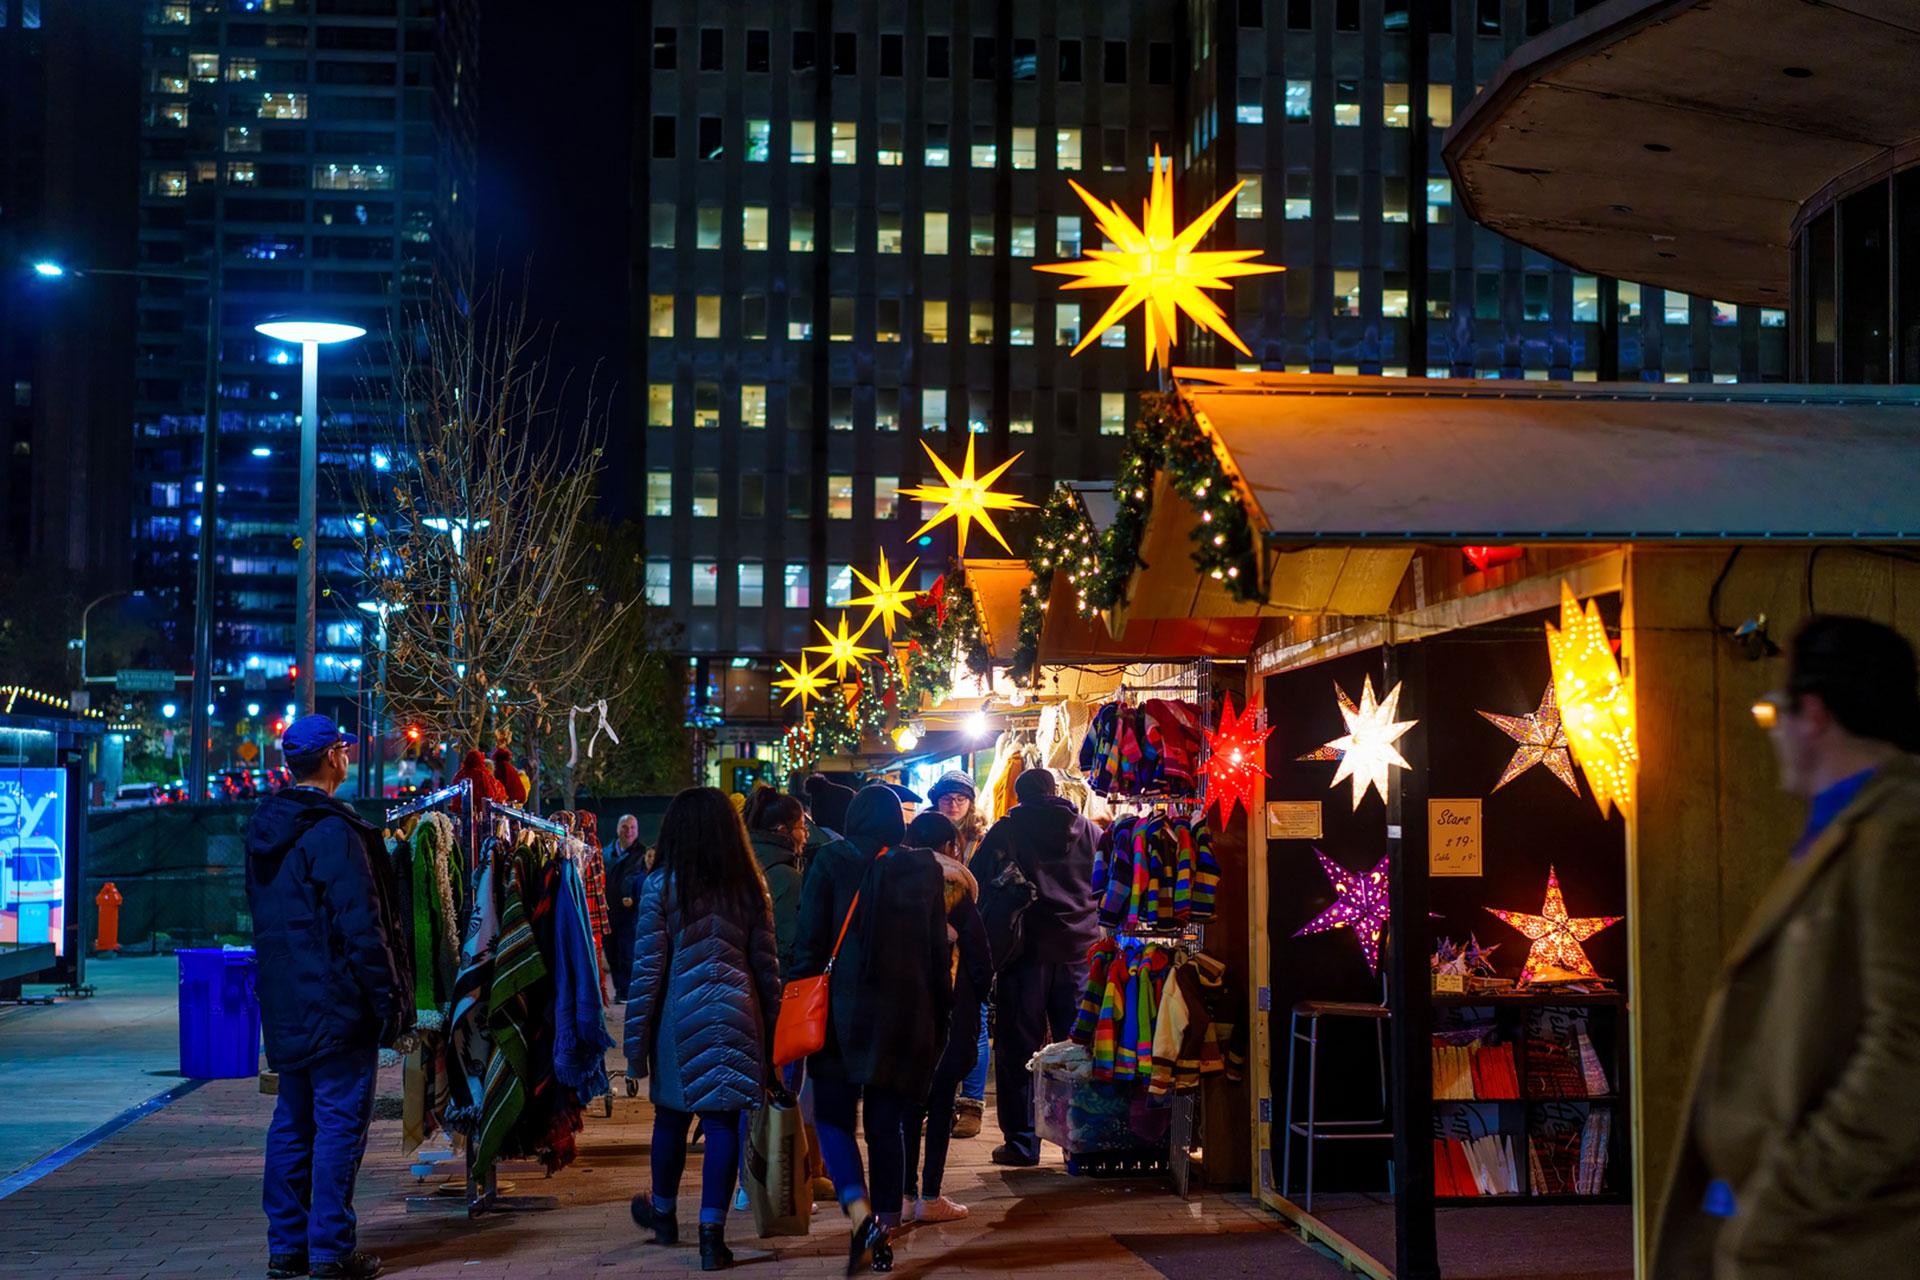 Christmas Village in Philadelphia; Courtesy of J Fusco For Visit Philadephia